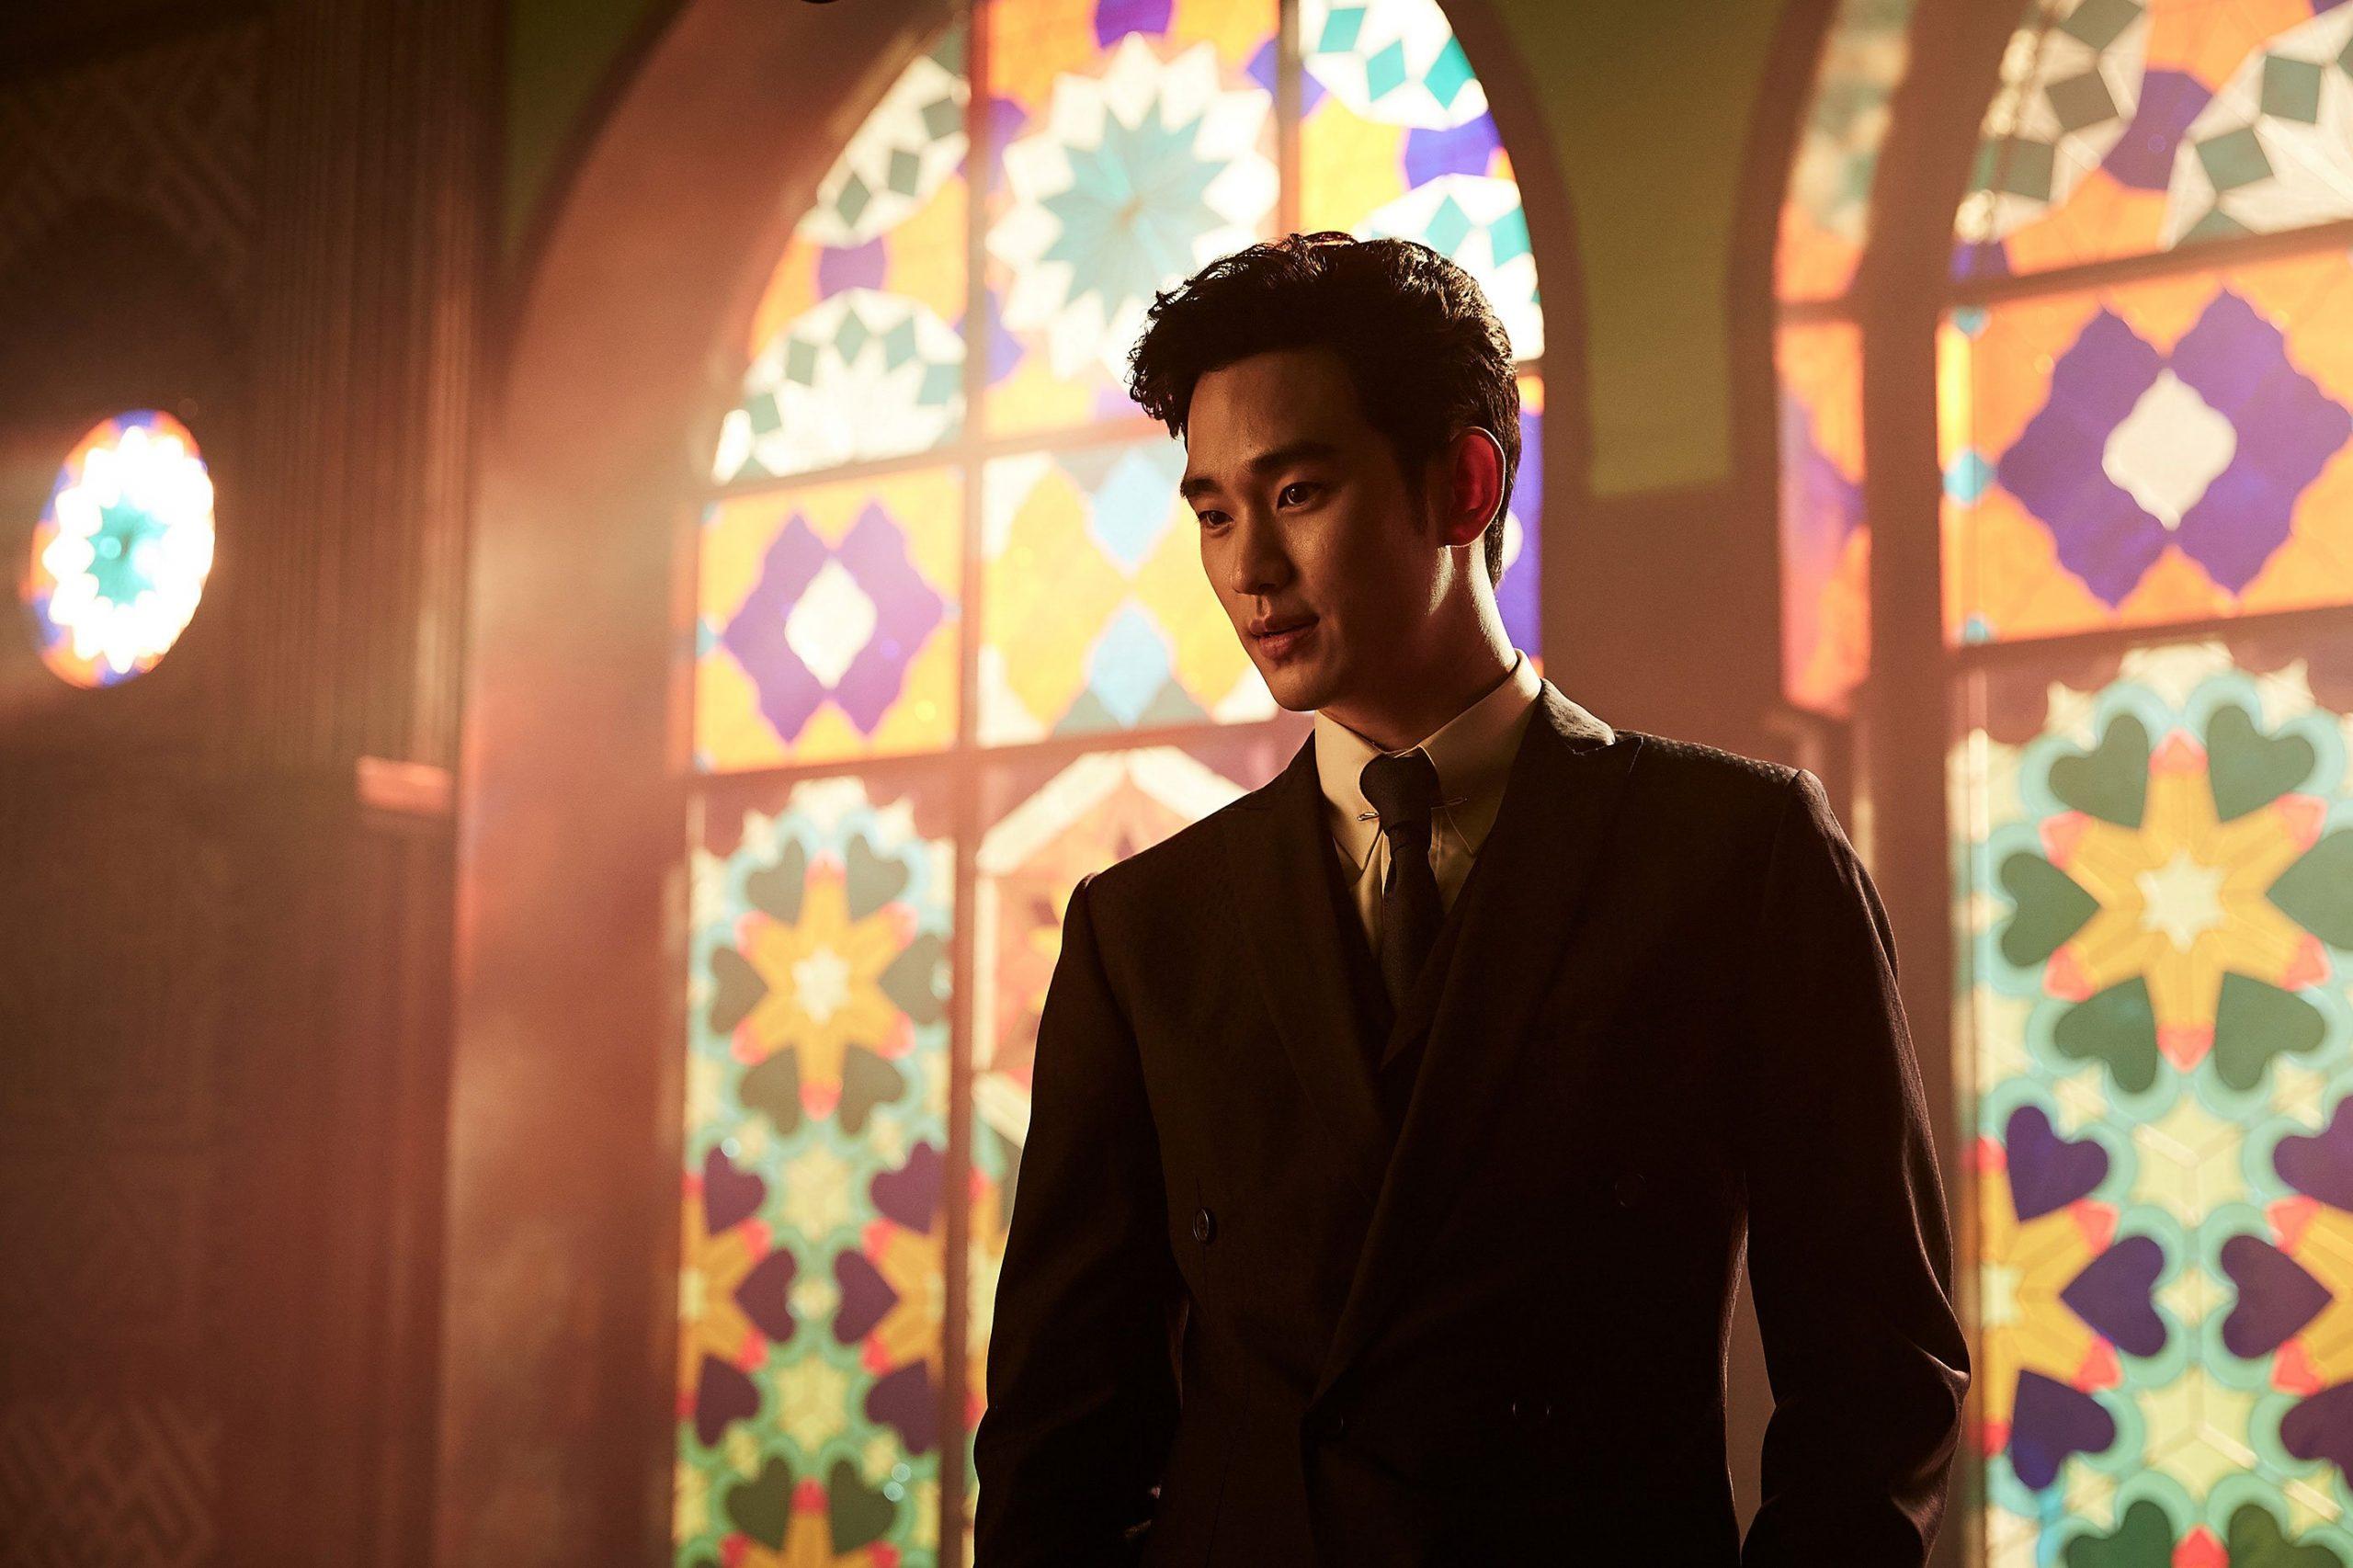 คิมซูฮยอน เผยว่า เขายังรักภาพยนตร์ Real แม้ว่าจะได้รับกระแสวิจารณ์ในแง่ลบ